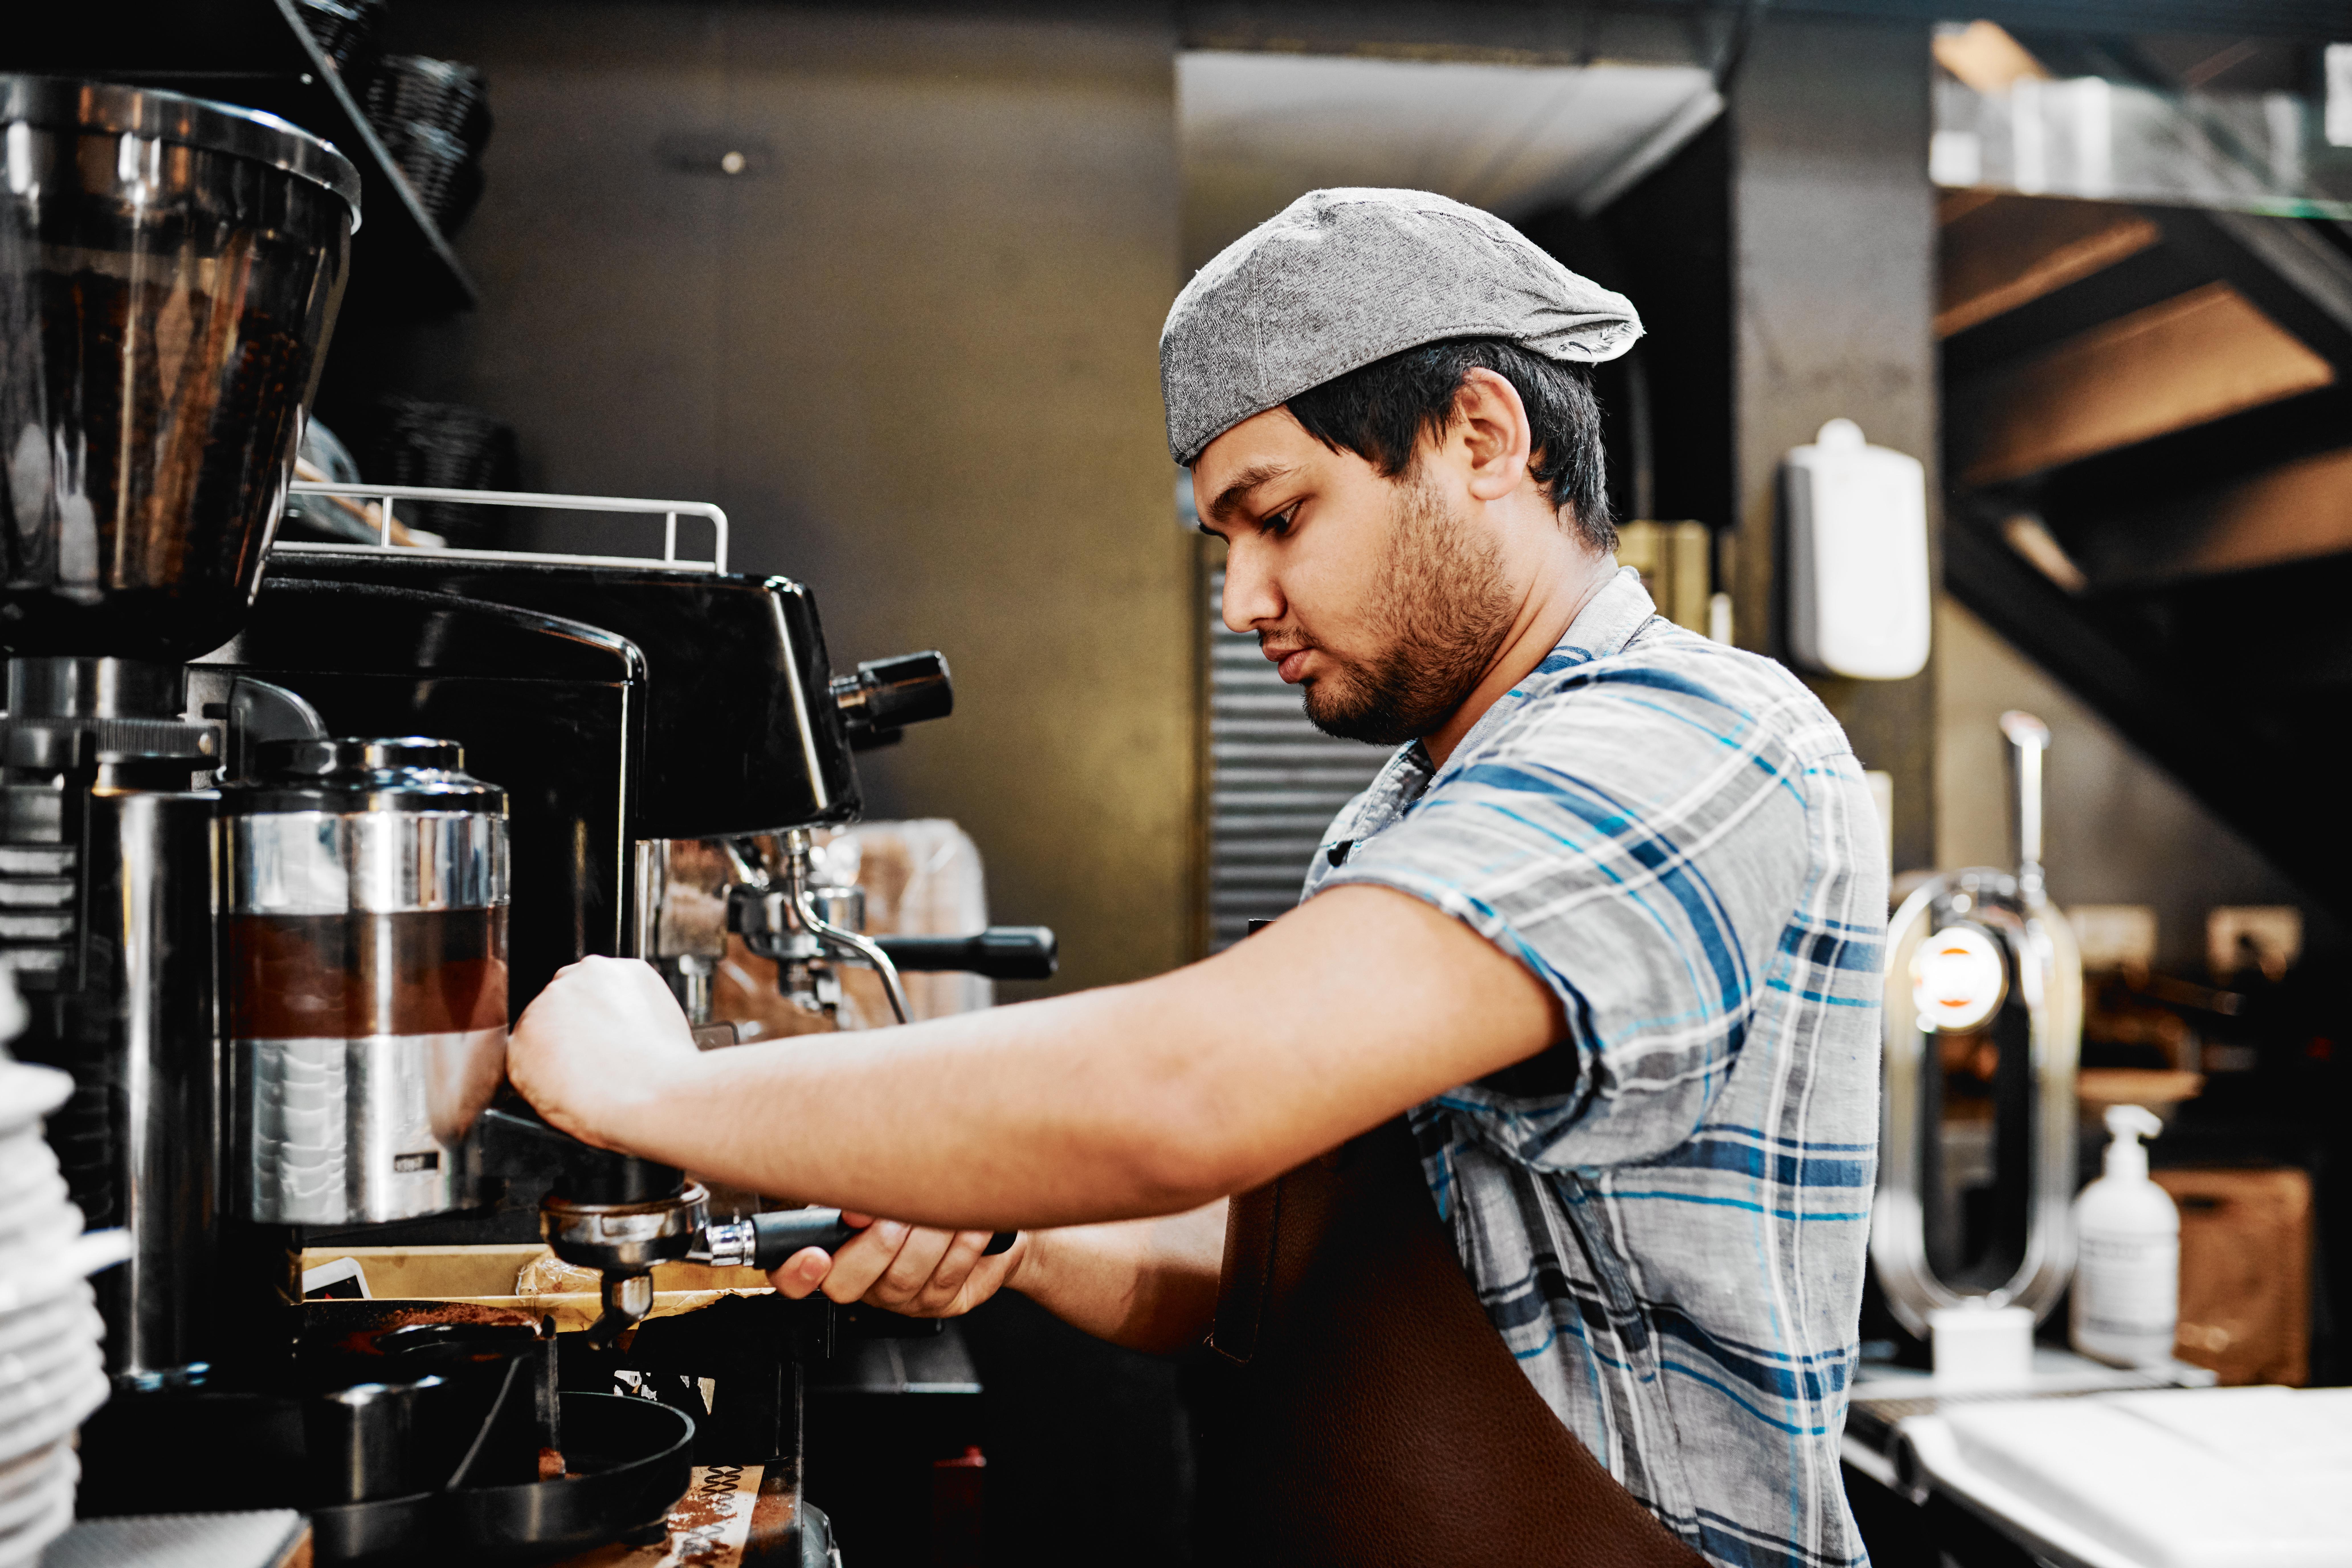 <p>9. Португалия Връзката между португалците и кафето започва още през XVIII век и сега е невъзможно да излезем по улиците на Португалия, без да видим хора, които пият тази възхитителна напитка. Ако попаднете на кафене, не се колебайте да се отбиете и да опитате топлата напитка.</p>